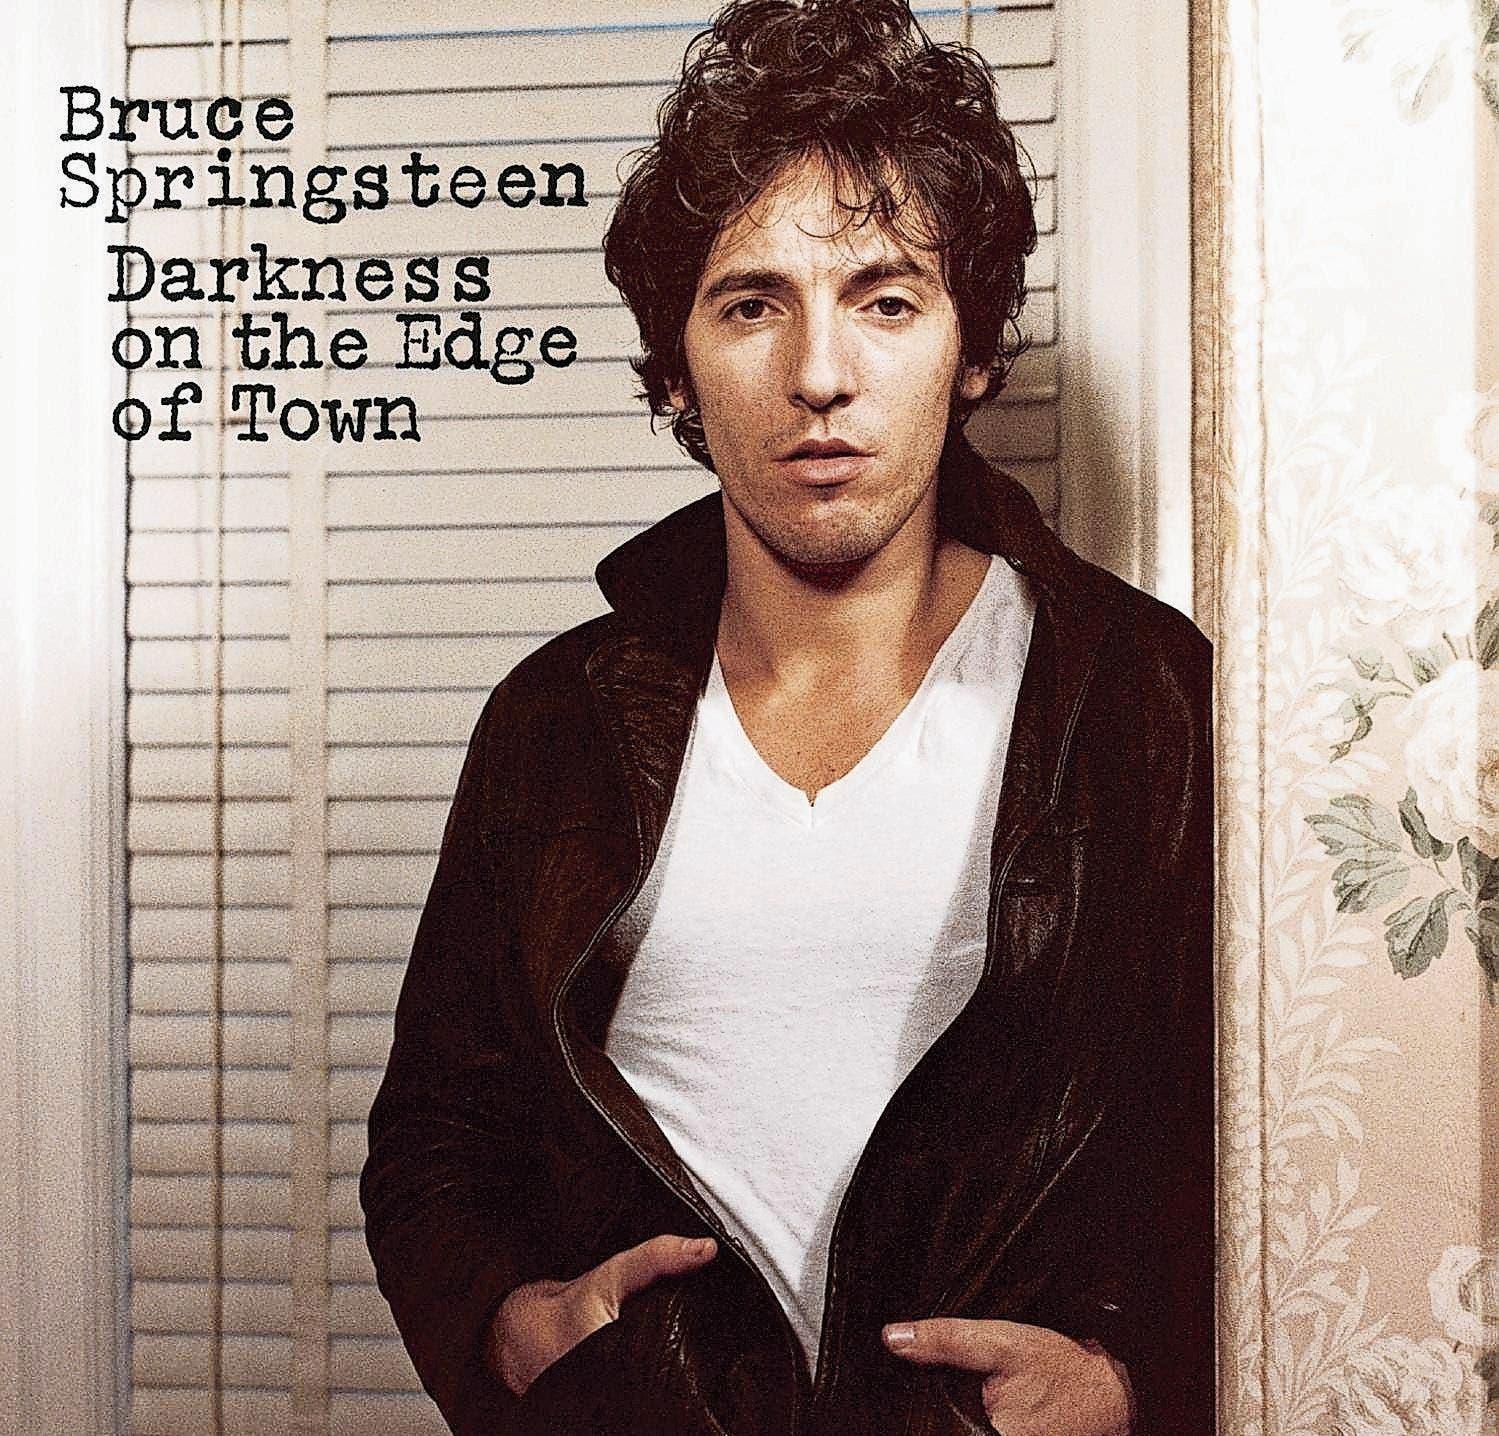 Darkness On The Edge Of Town (1978) Album ohne Hit. Trotzdem eines der erfolgreichsten und besten Werke.